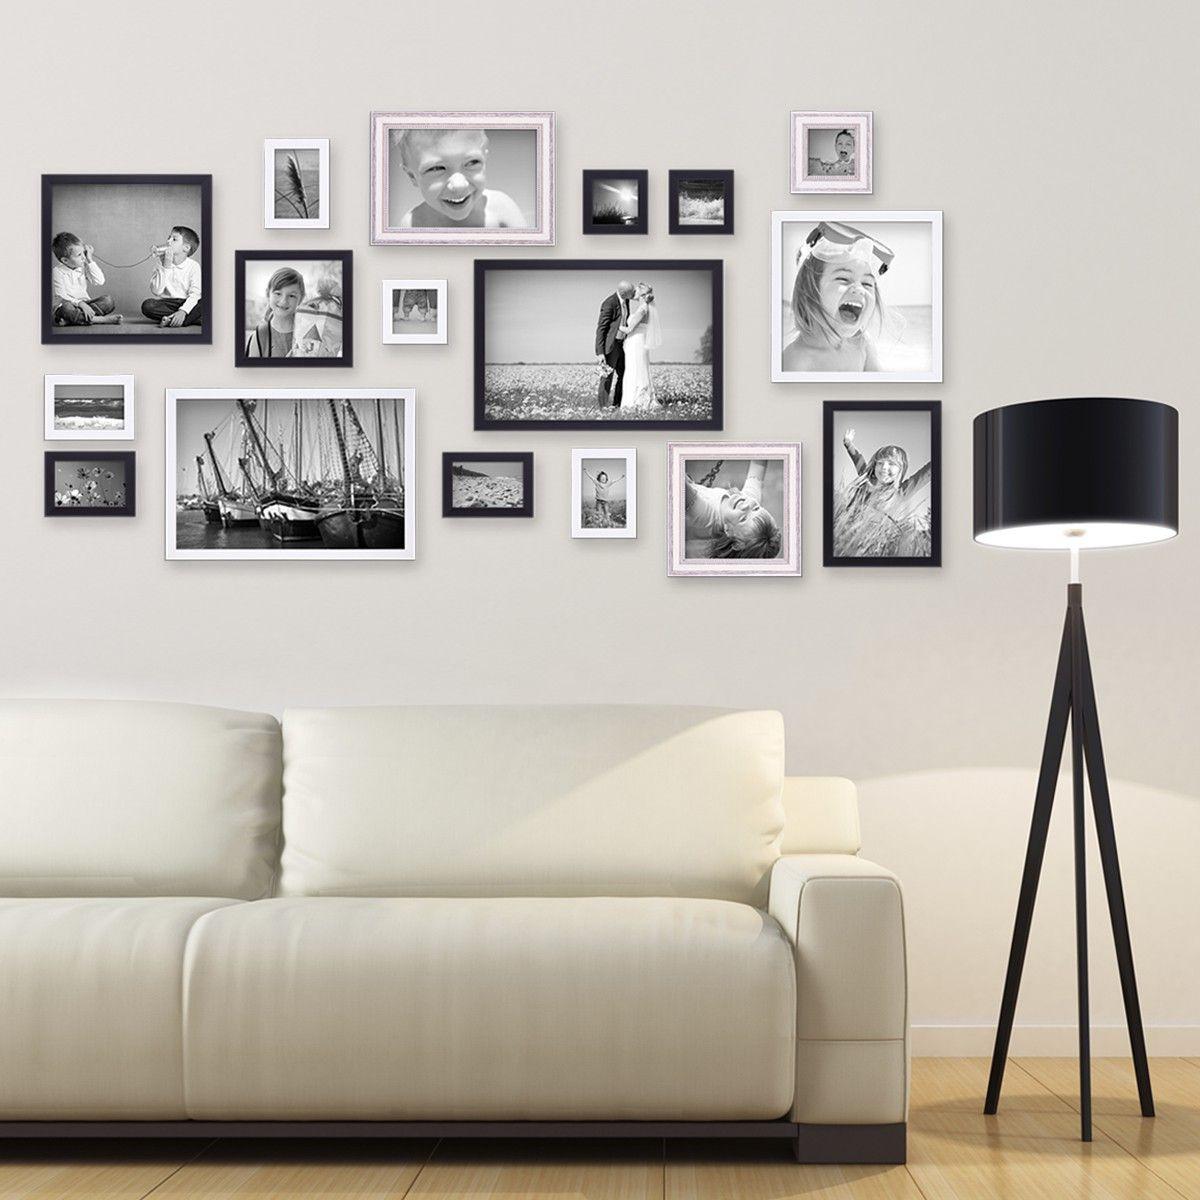 Home design bilder eine etage er set bilderrahmen für grosse bilderwand massivholz größen x